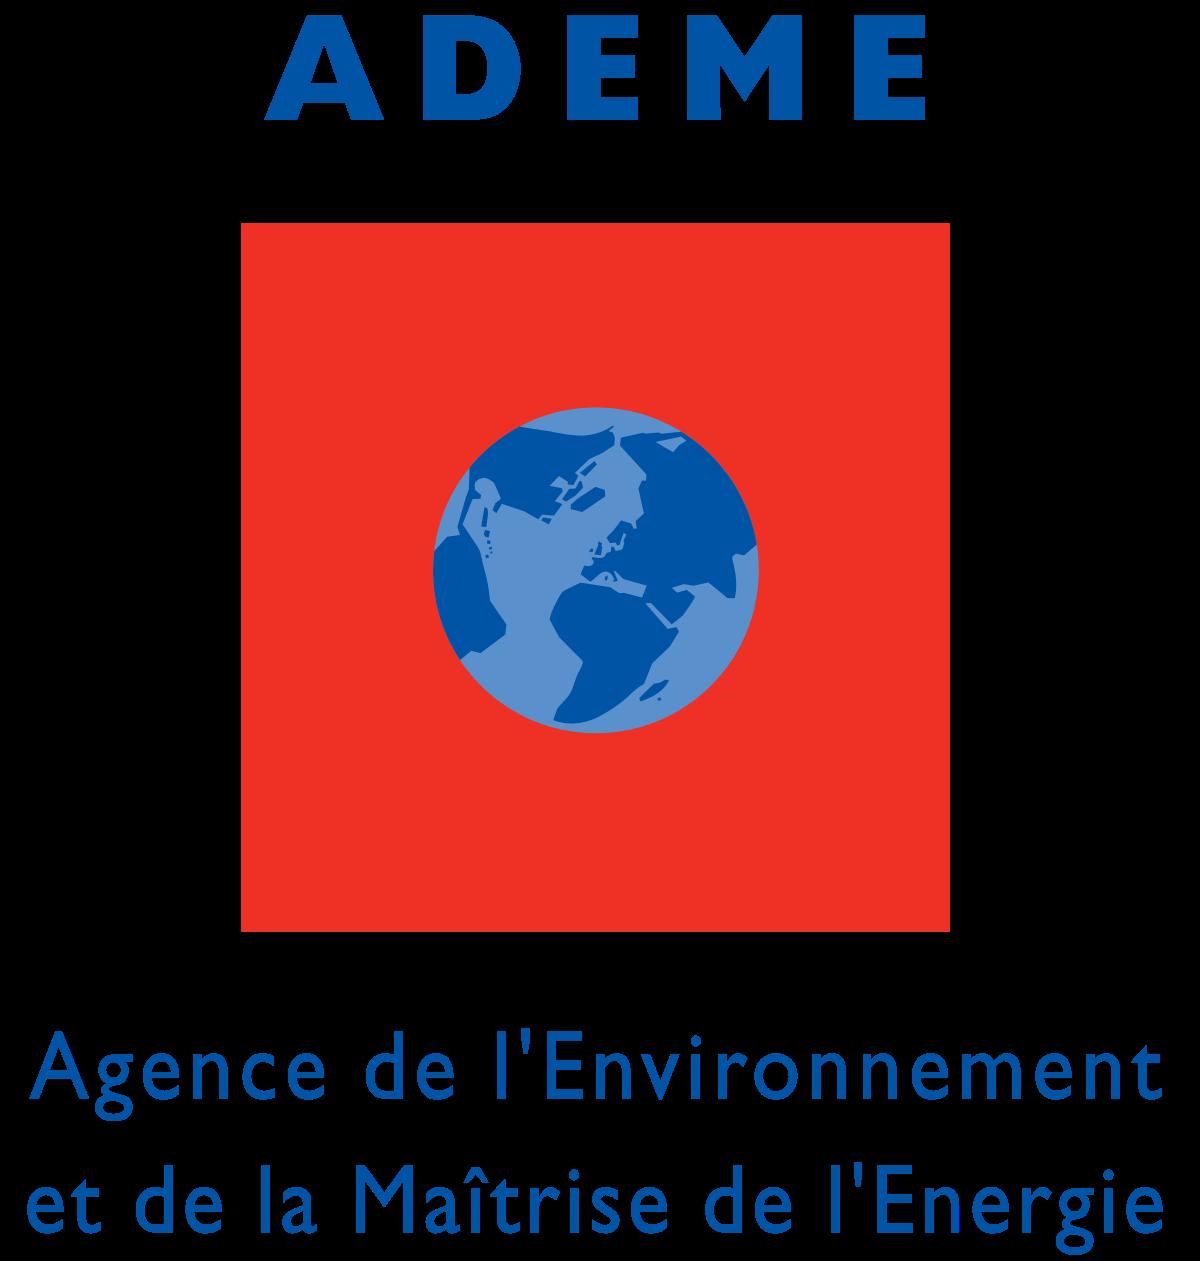 1200px-Agence_de_l'environnement_et_de_la_maîtrise_de_l'énergie.svg[1]